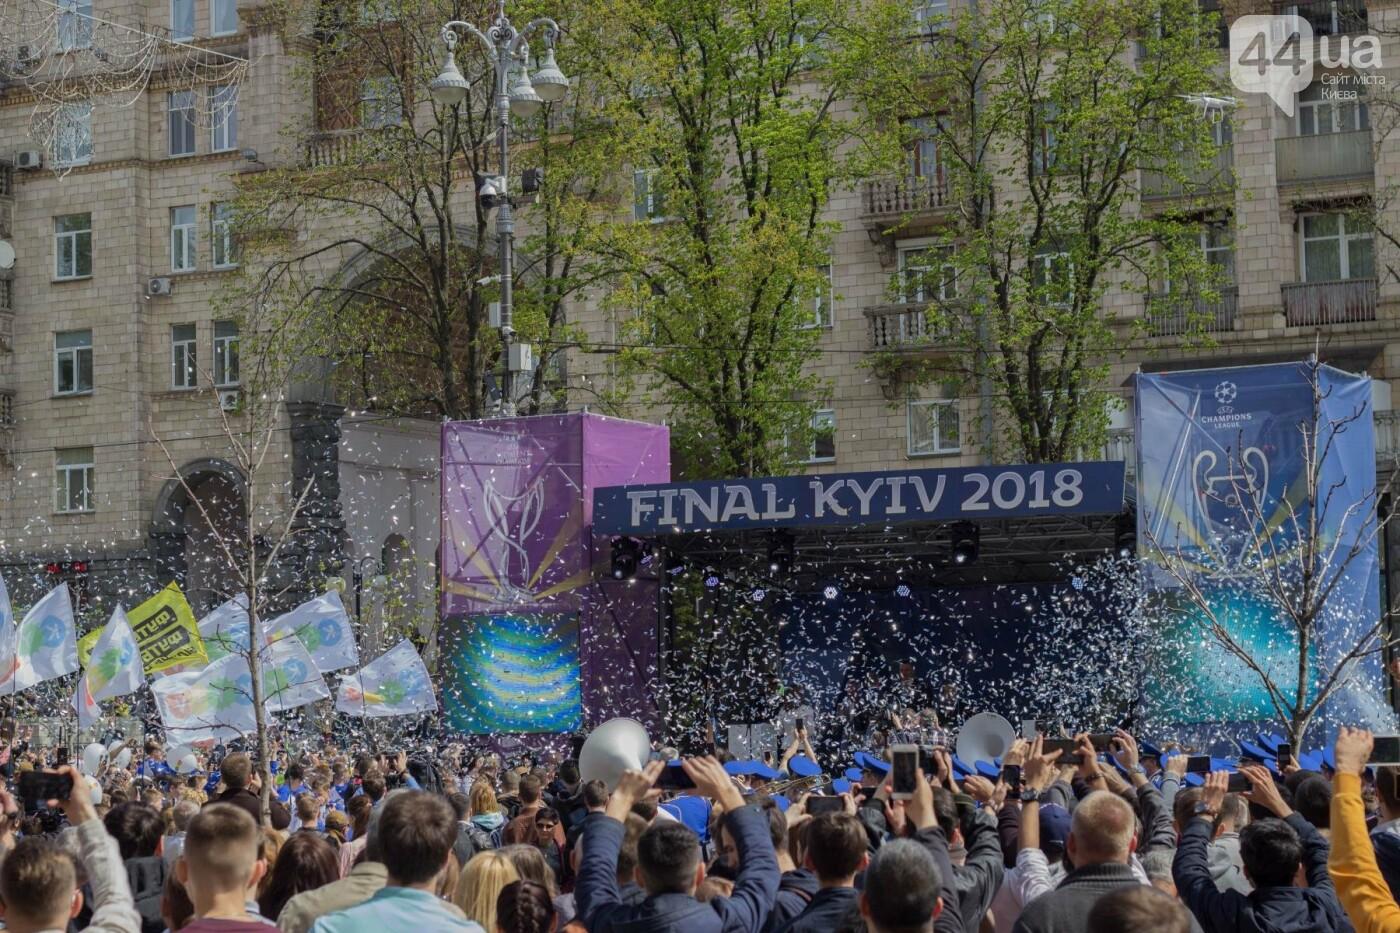 Кубок Лиги чемпионов УЕФА прибыл в Киев, фото-16